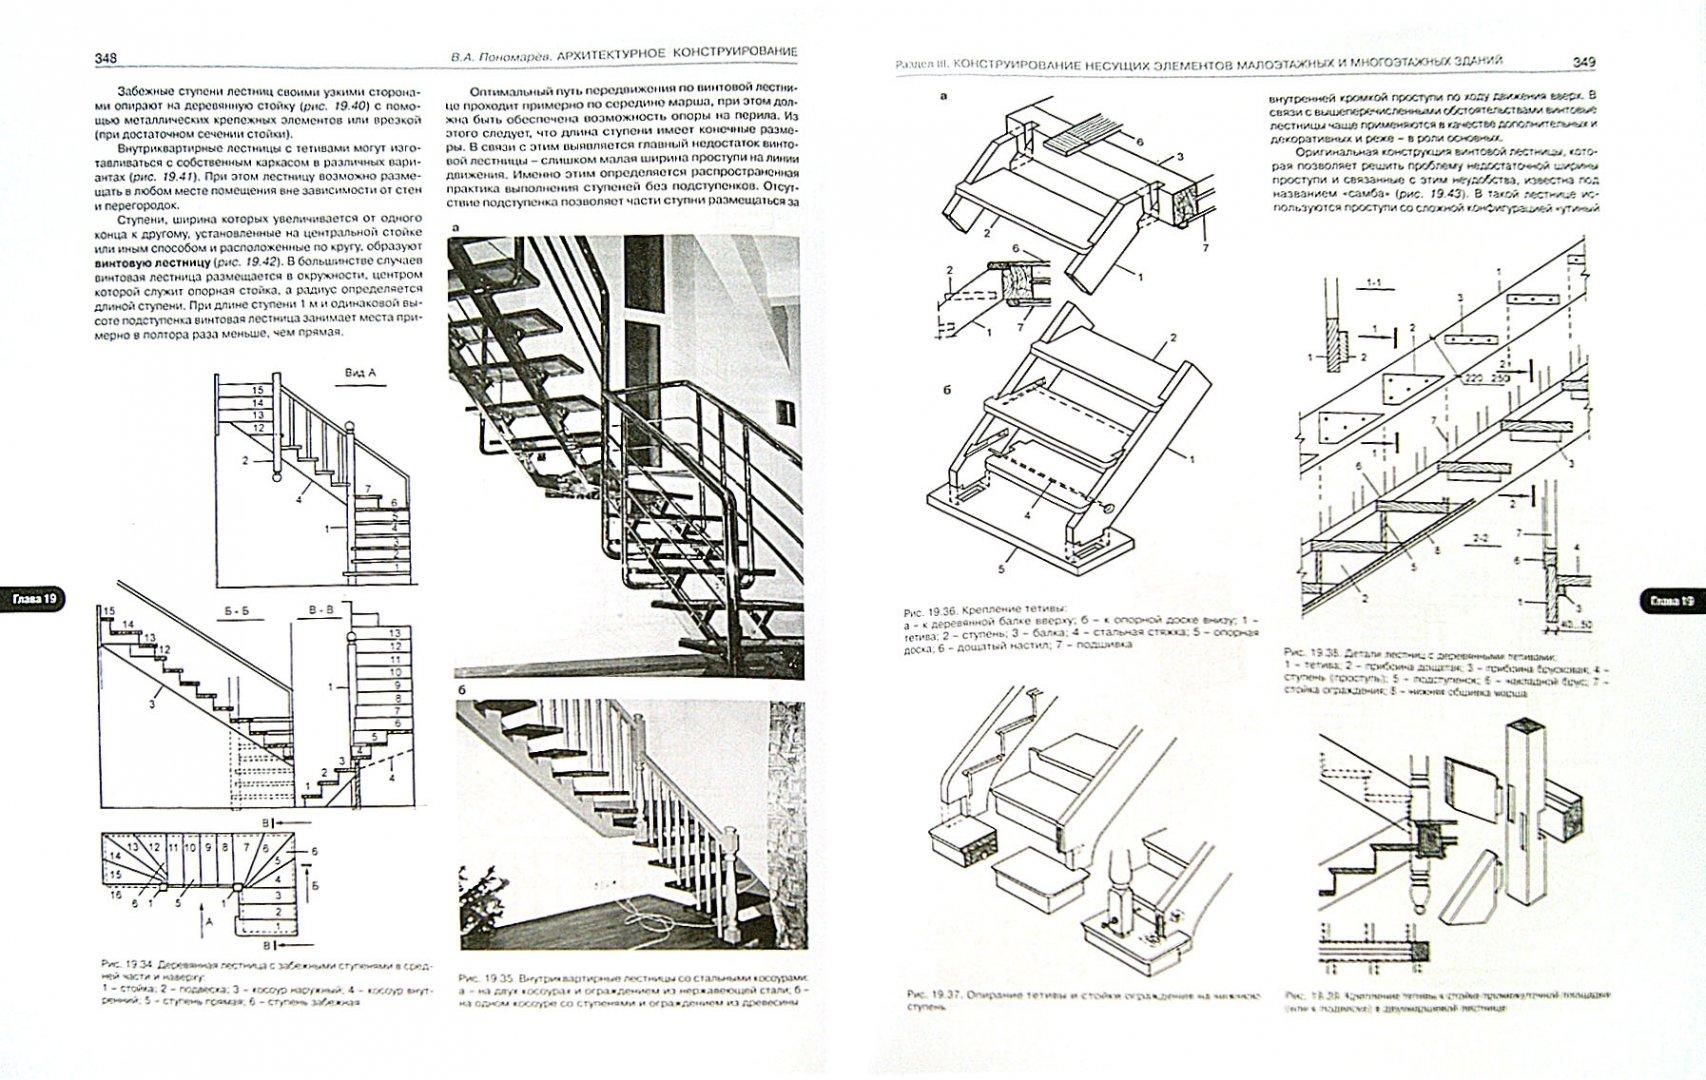 Иллюстрация 1 из 23 для Архитектурное конструирование. Учебник для вузов - Владимир Пономарев   Лабиринт - книги. Источник: Лабиринт